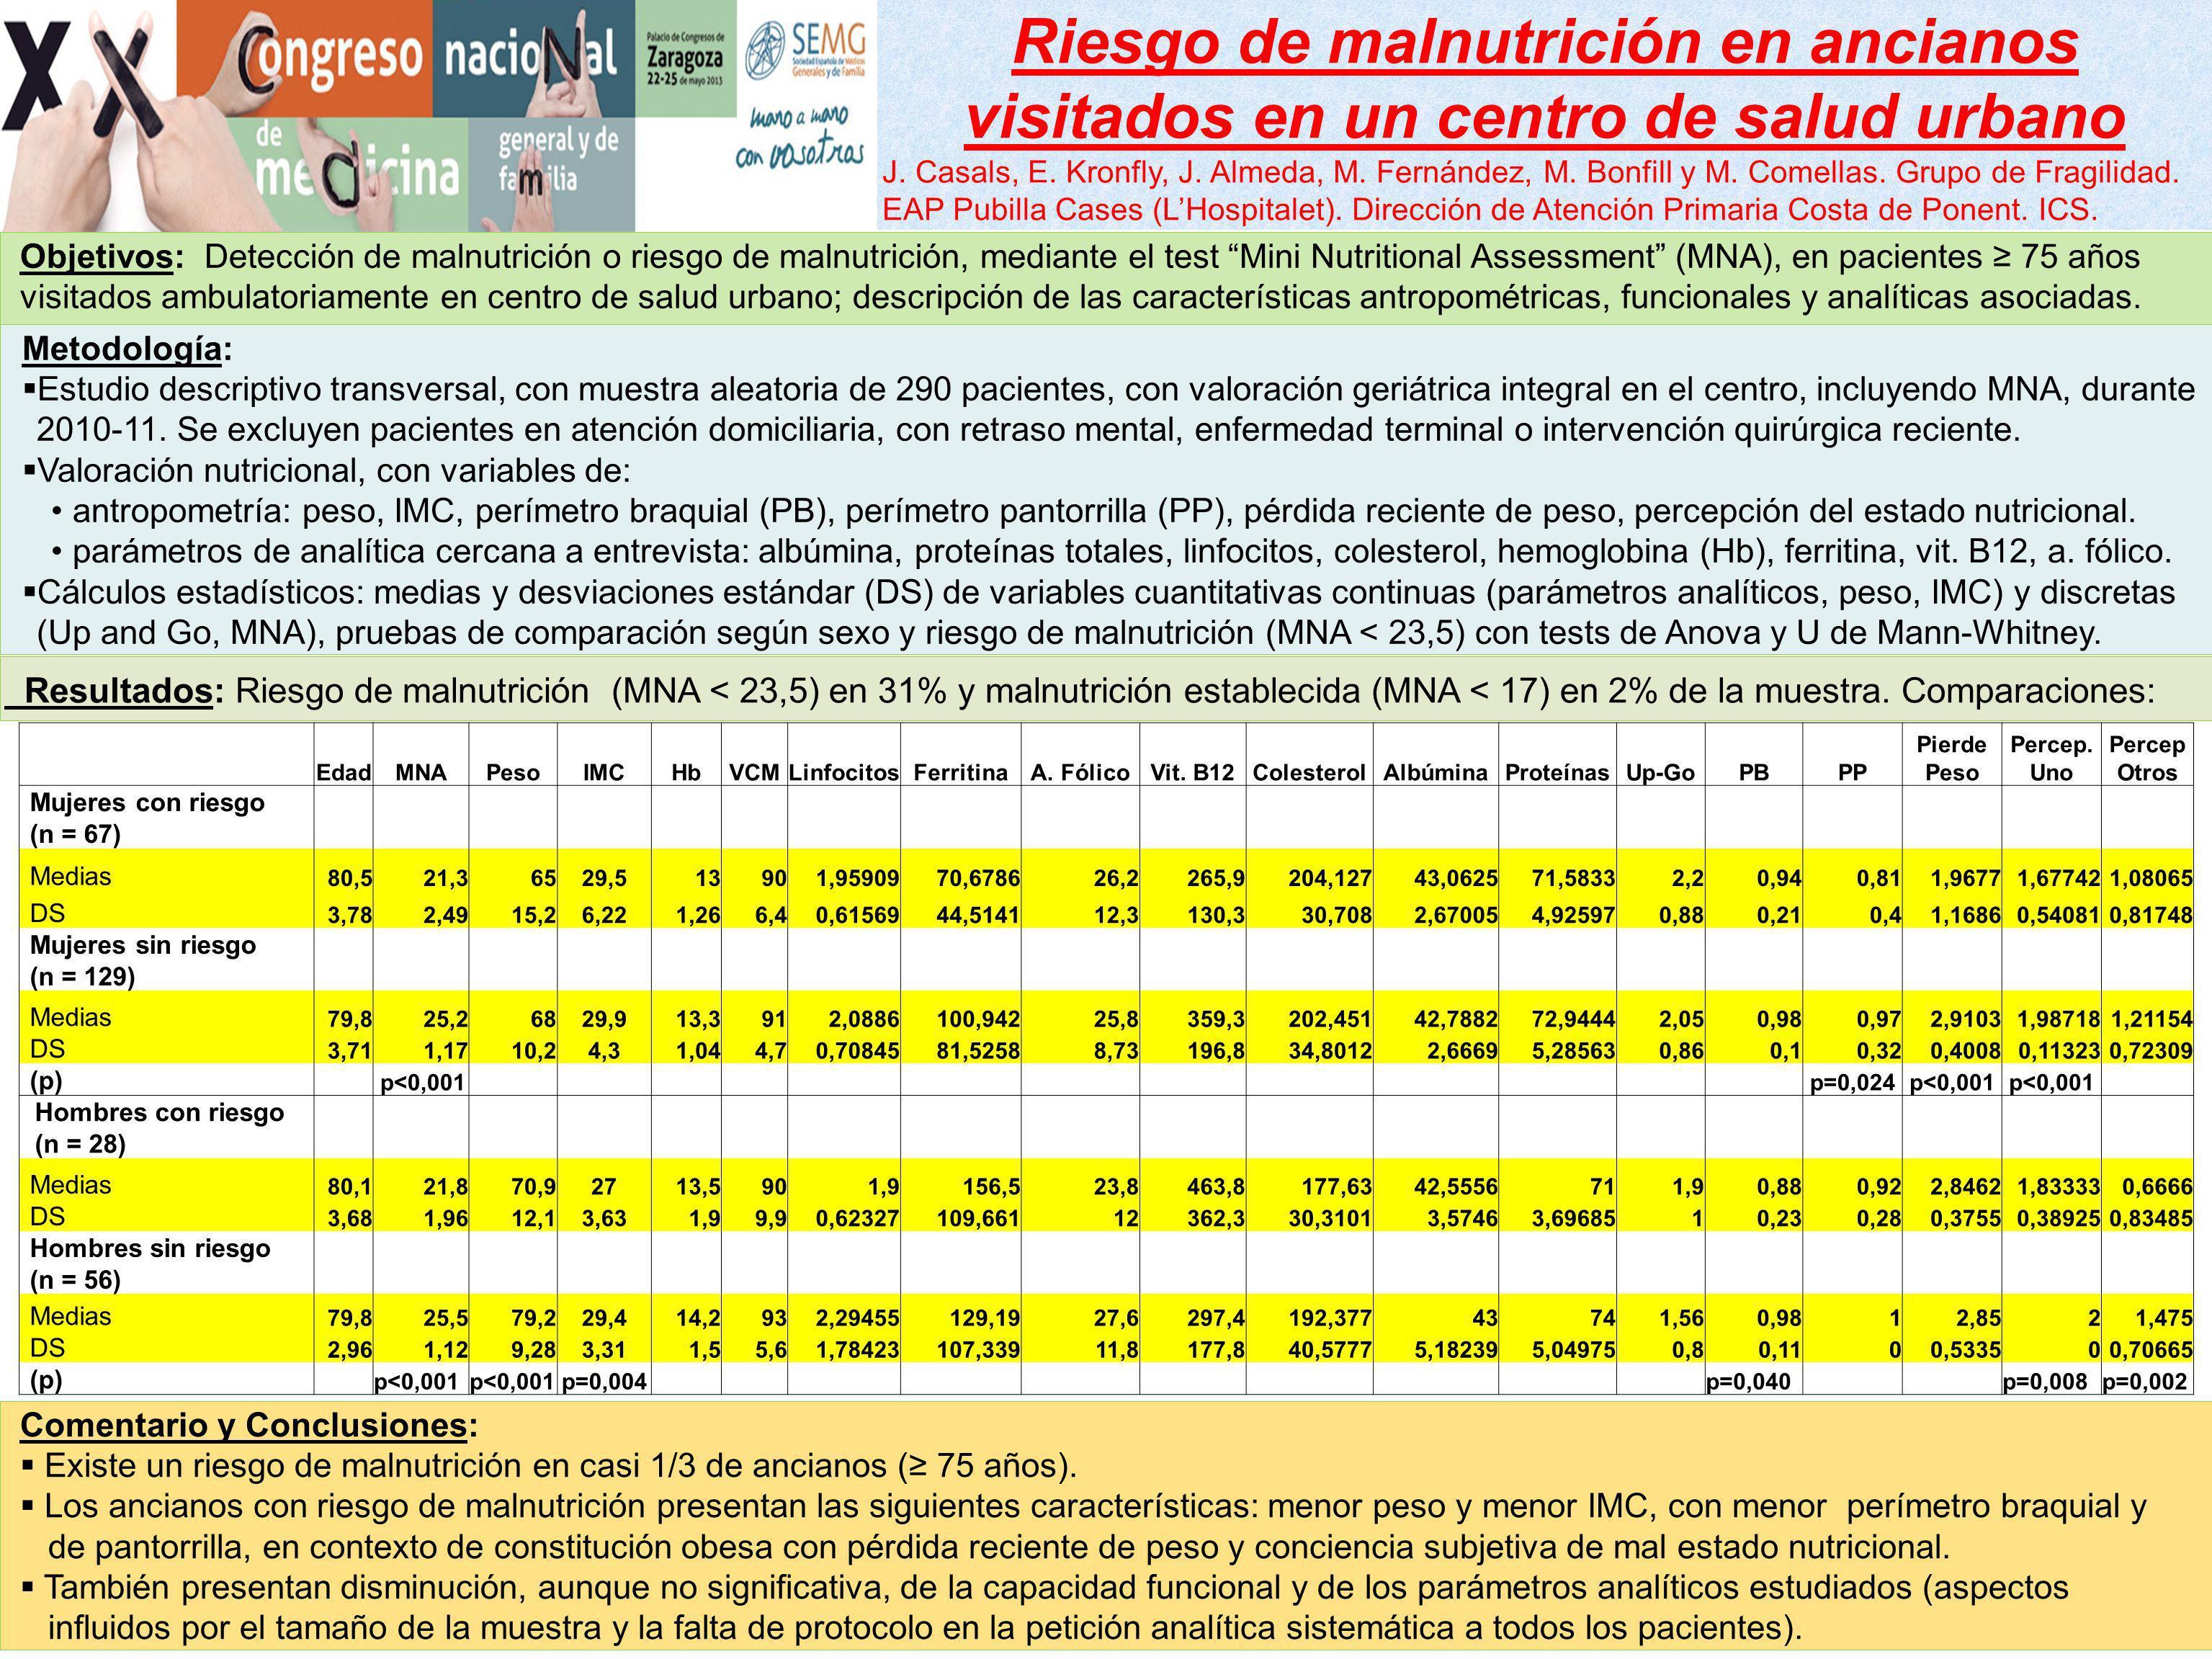 Riesgo de malnutrición en ancianos visitados en un centro de salud urbano J. Casals, E. Kronfly, J. Almeda, M. Fernández, M. Bonfill y M. Comellas. Gr